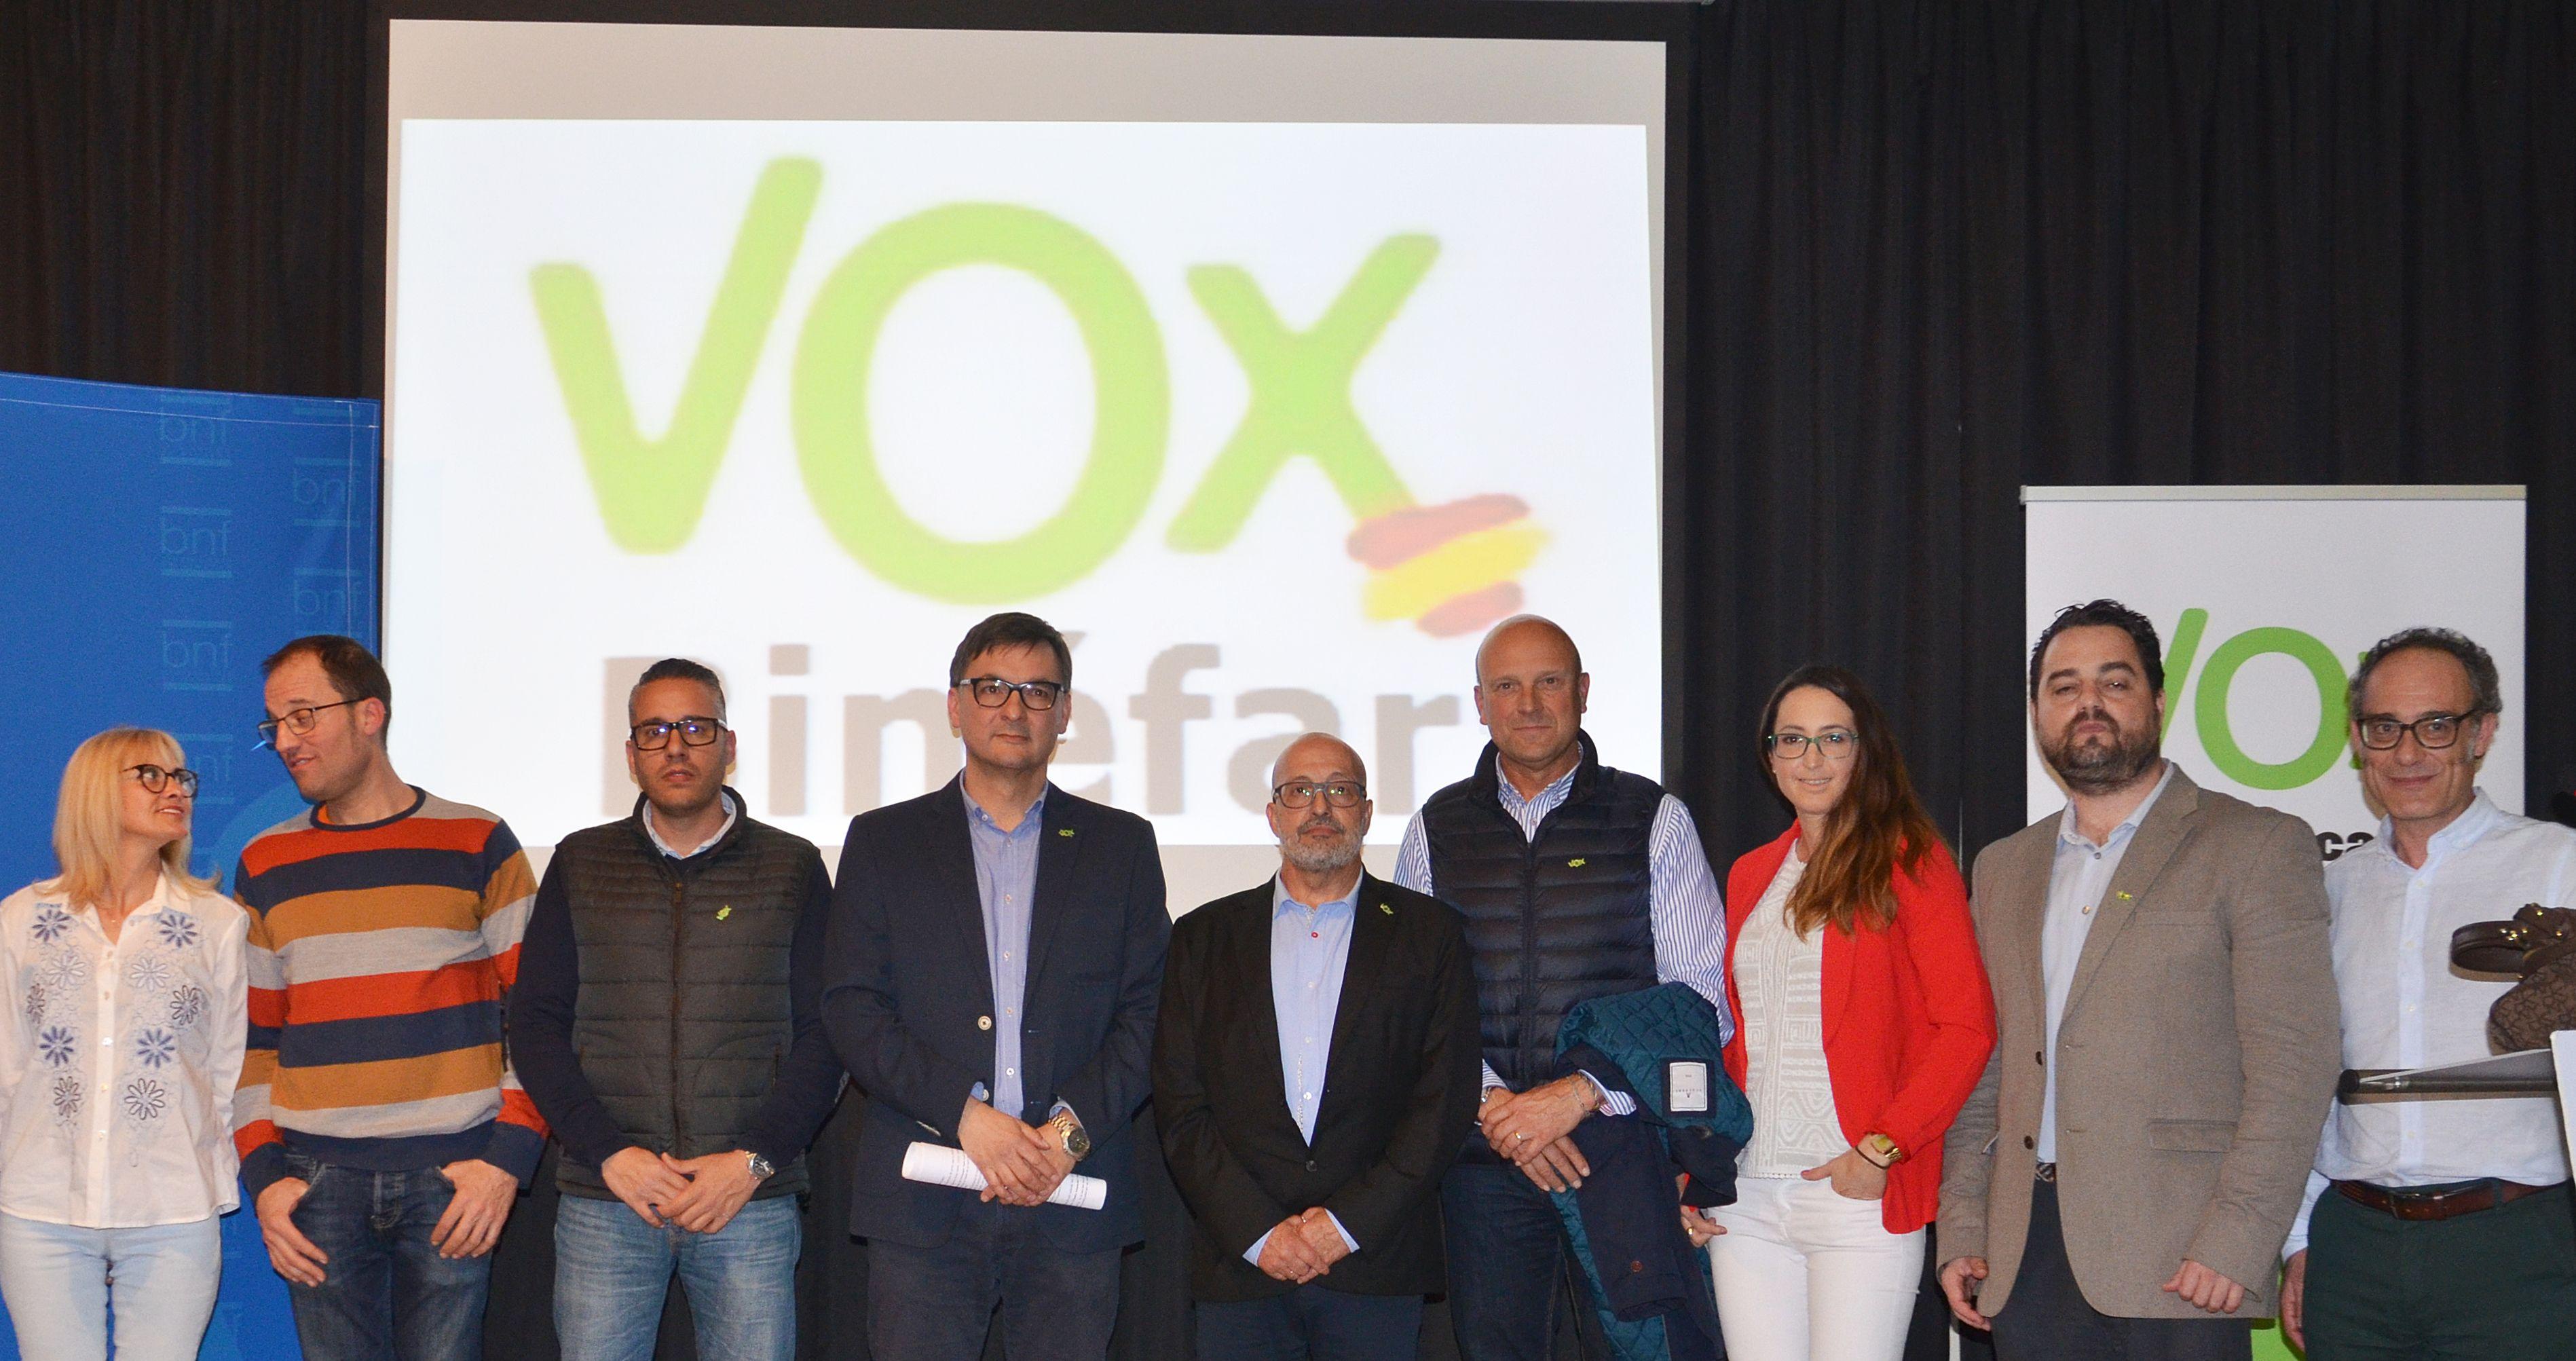 Vox reúne a ochenta seguidores en su primer acto en Binéfar